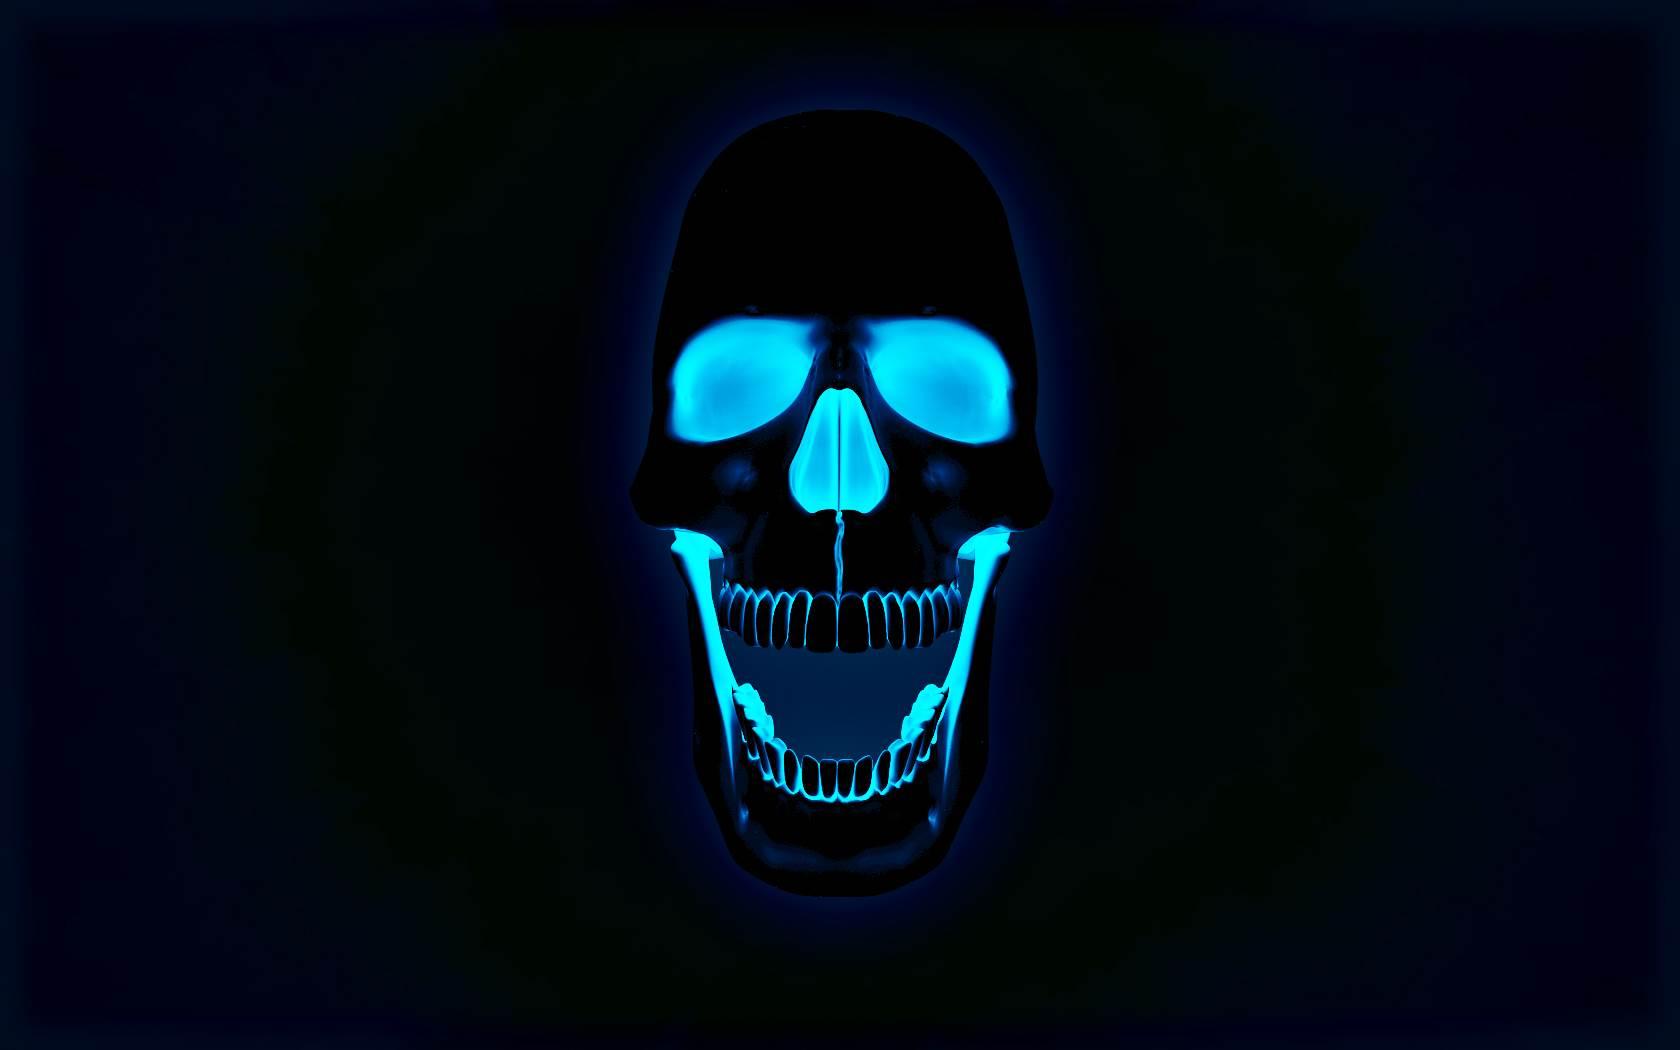 Black Skull Wallpaper 1680x1050